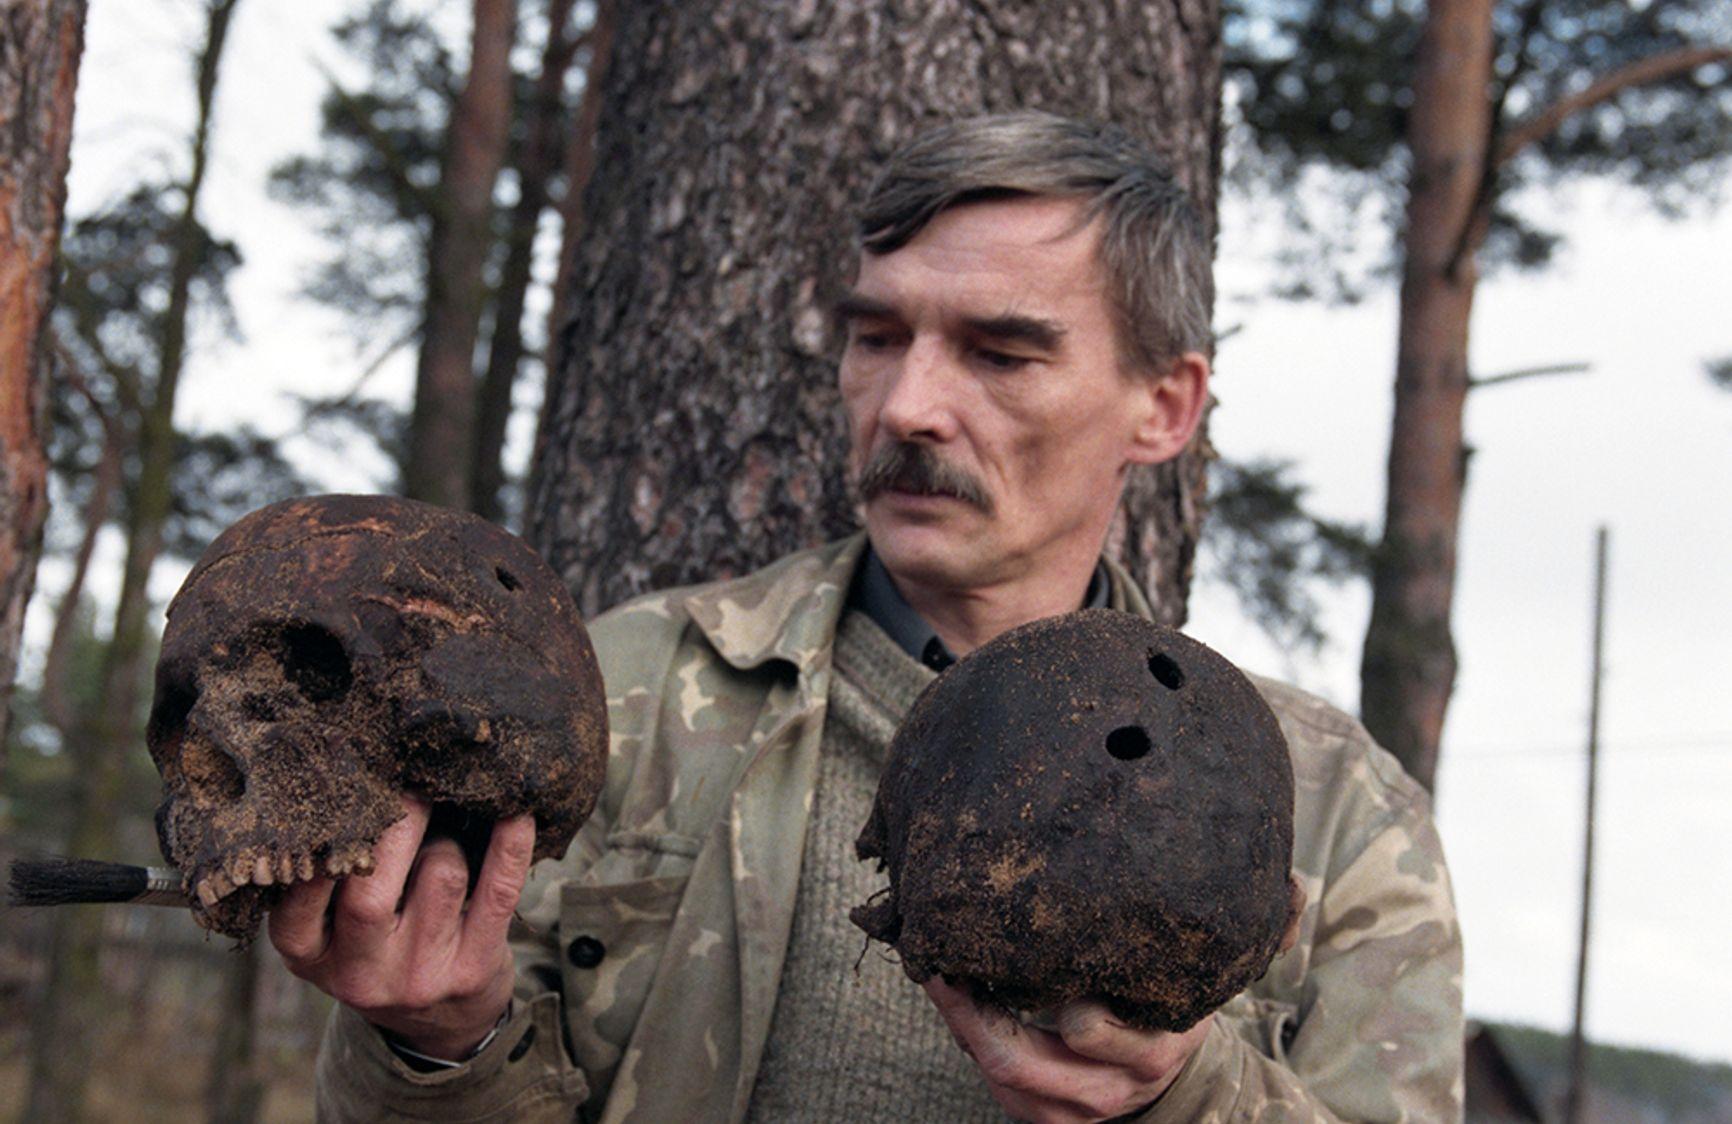 Юрий Дмитриев, 1998 г.